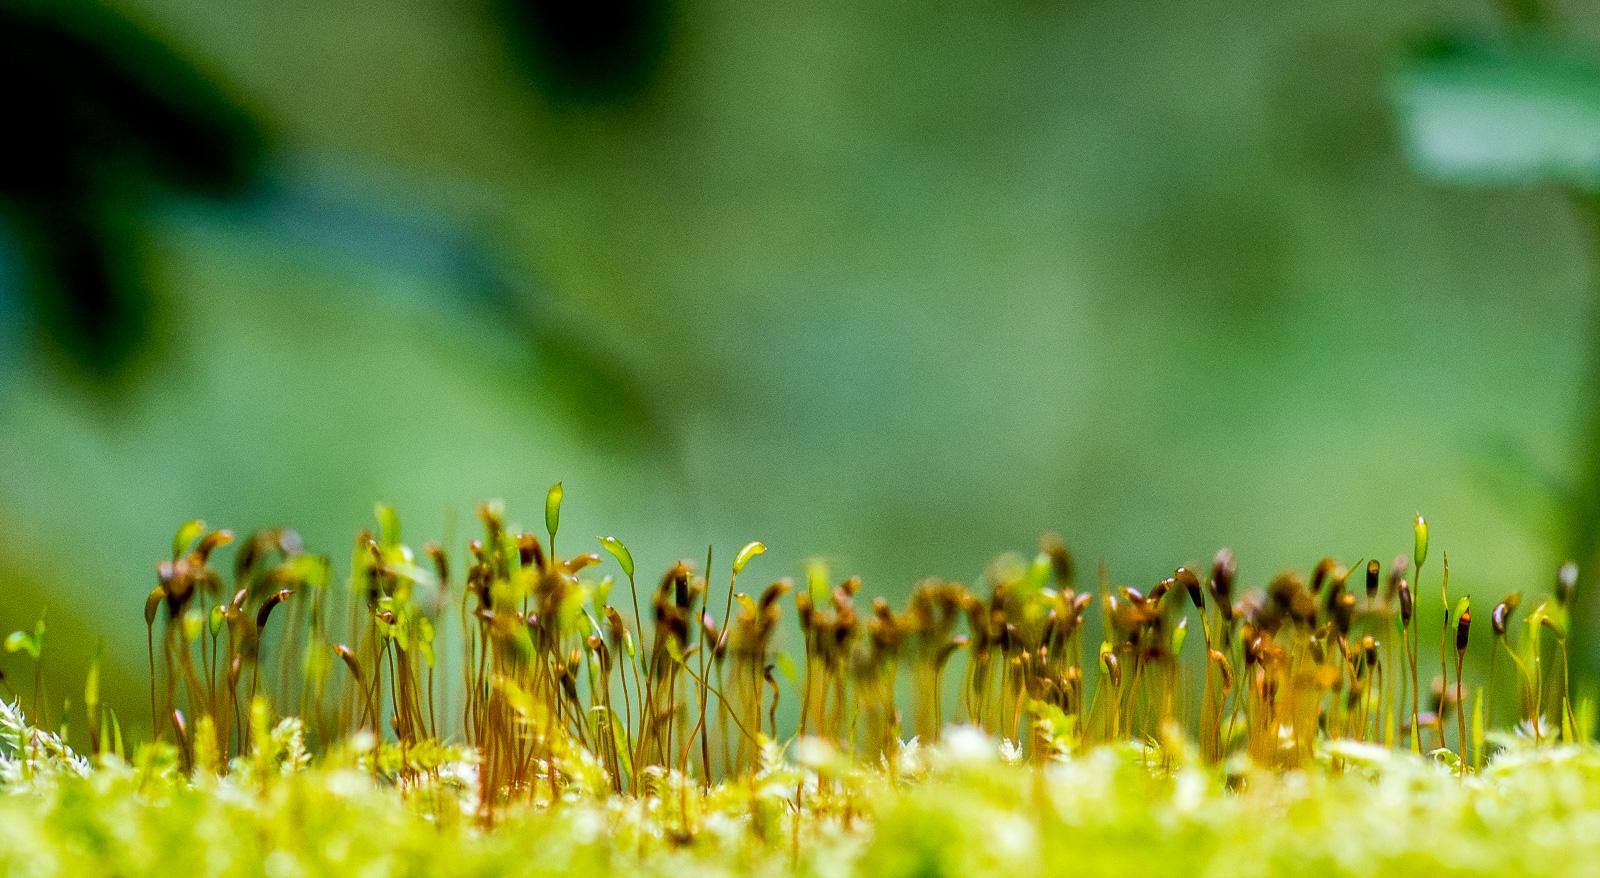 Gräser, die aus Moos herauswachsen, grün vor grünem Hintergrund